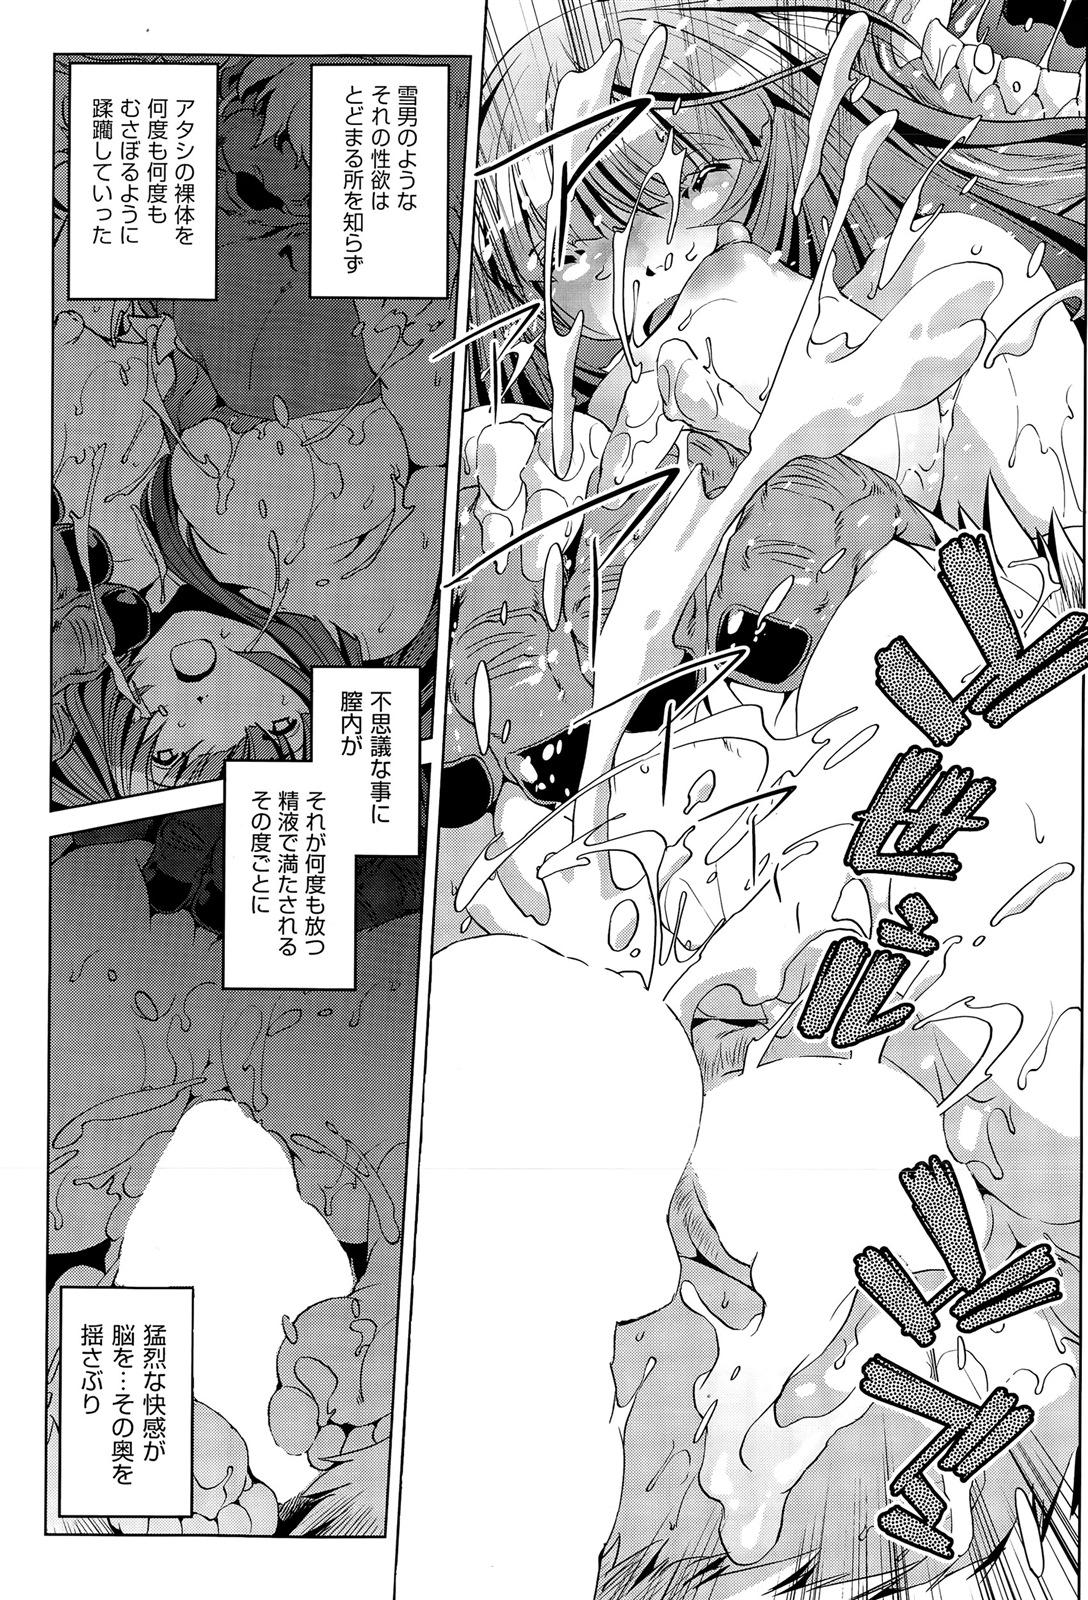 【エロ漫画】雪山で遭難した女の子がイエティにレイプされあまりの巨根にマ○コ裂けそうwww